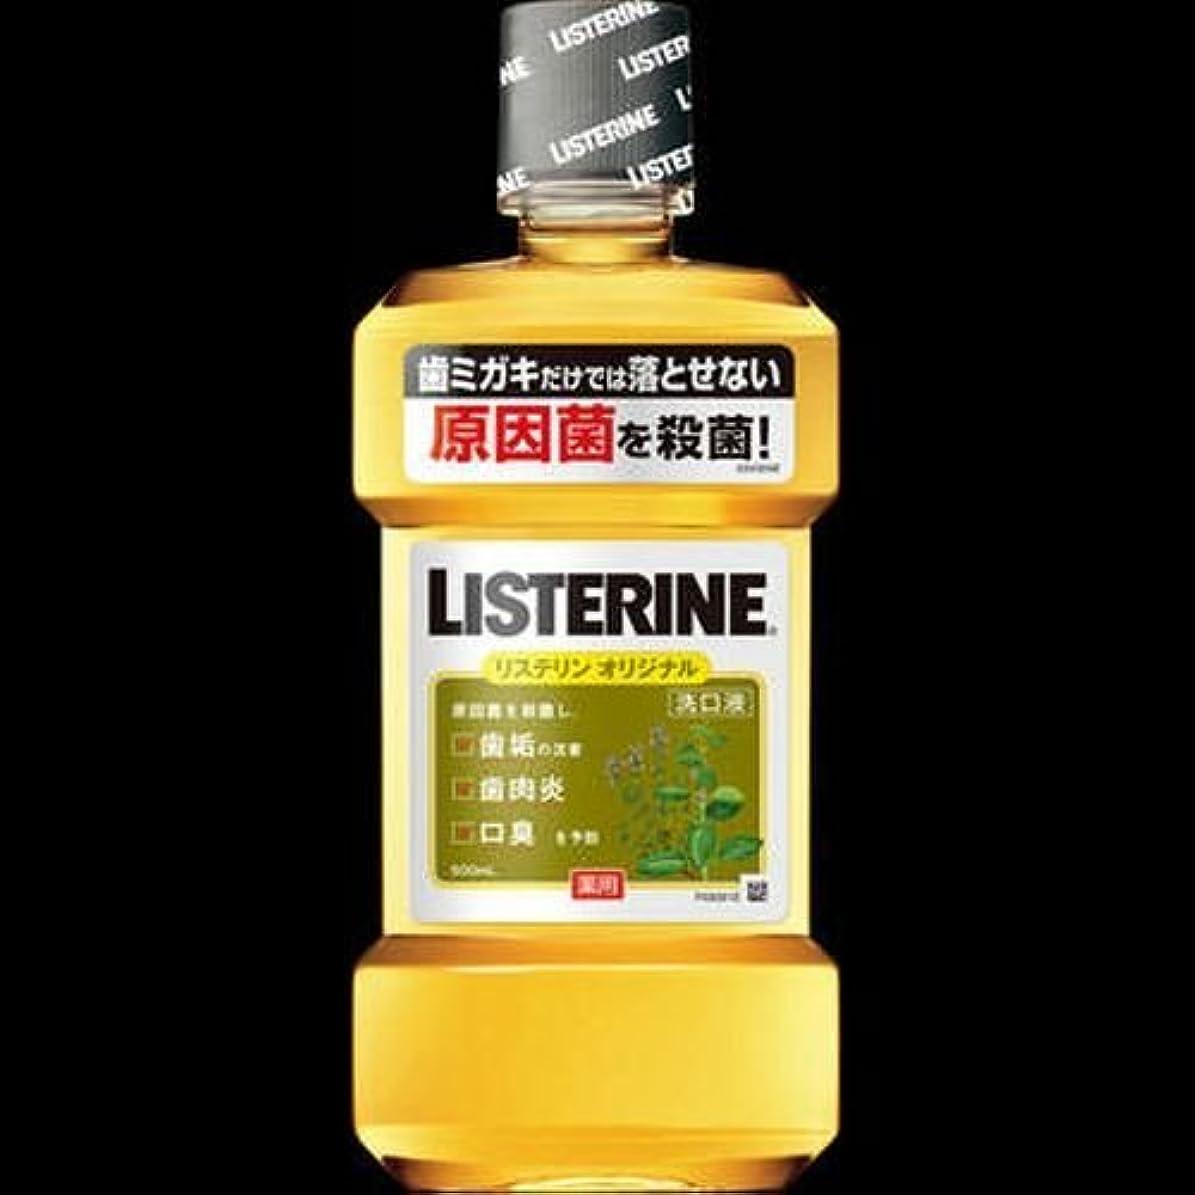 商人ママ評価する【まとめ買い】薬用リステリン オリジナル 500ml ×2セット